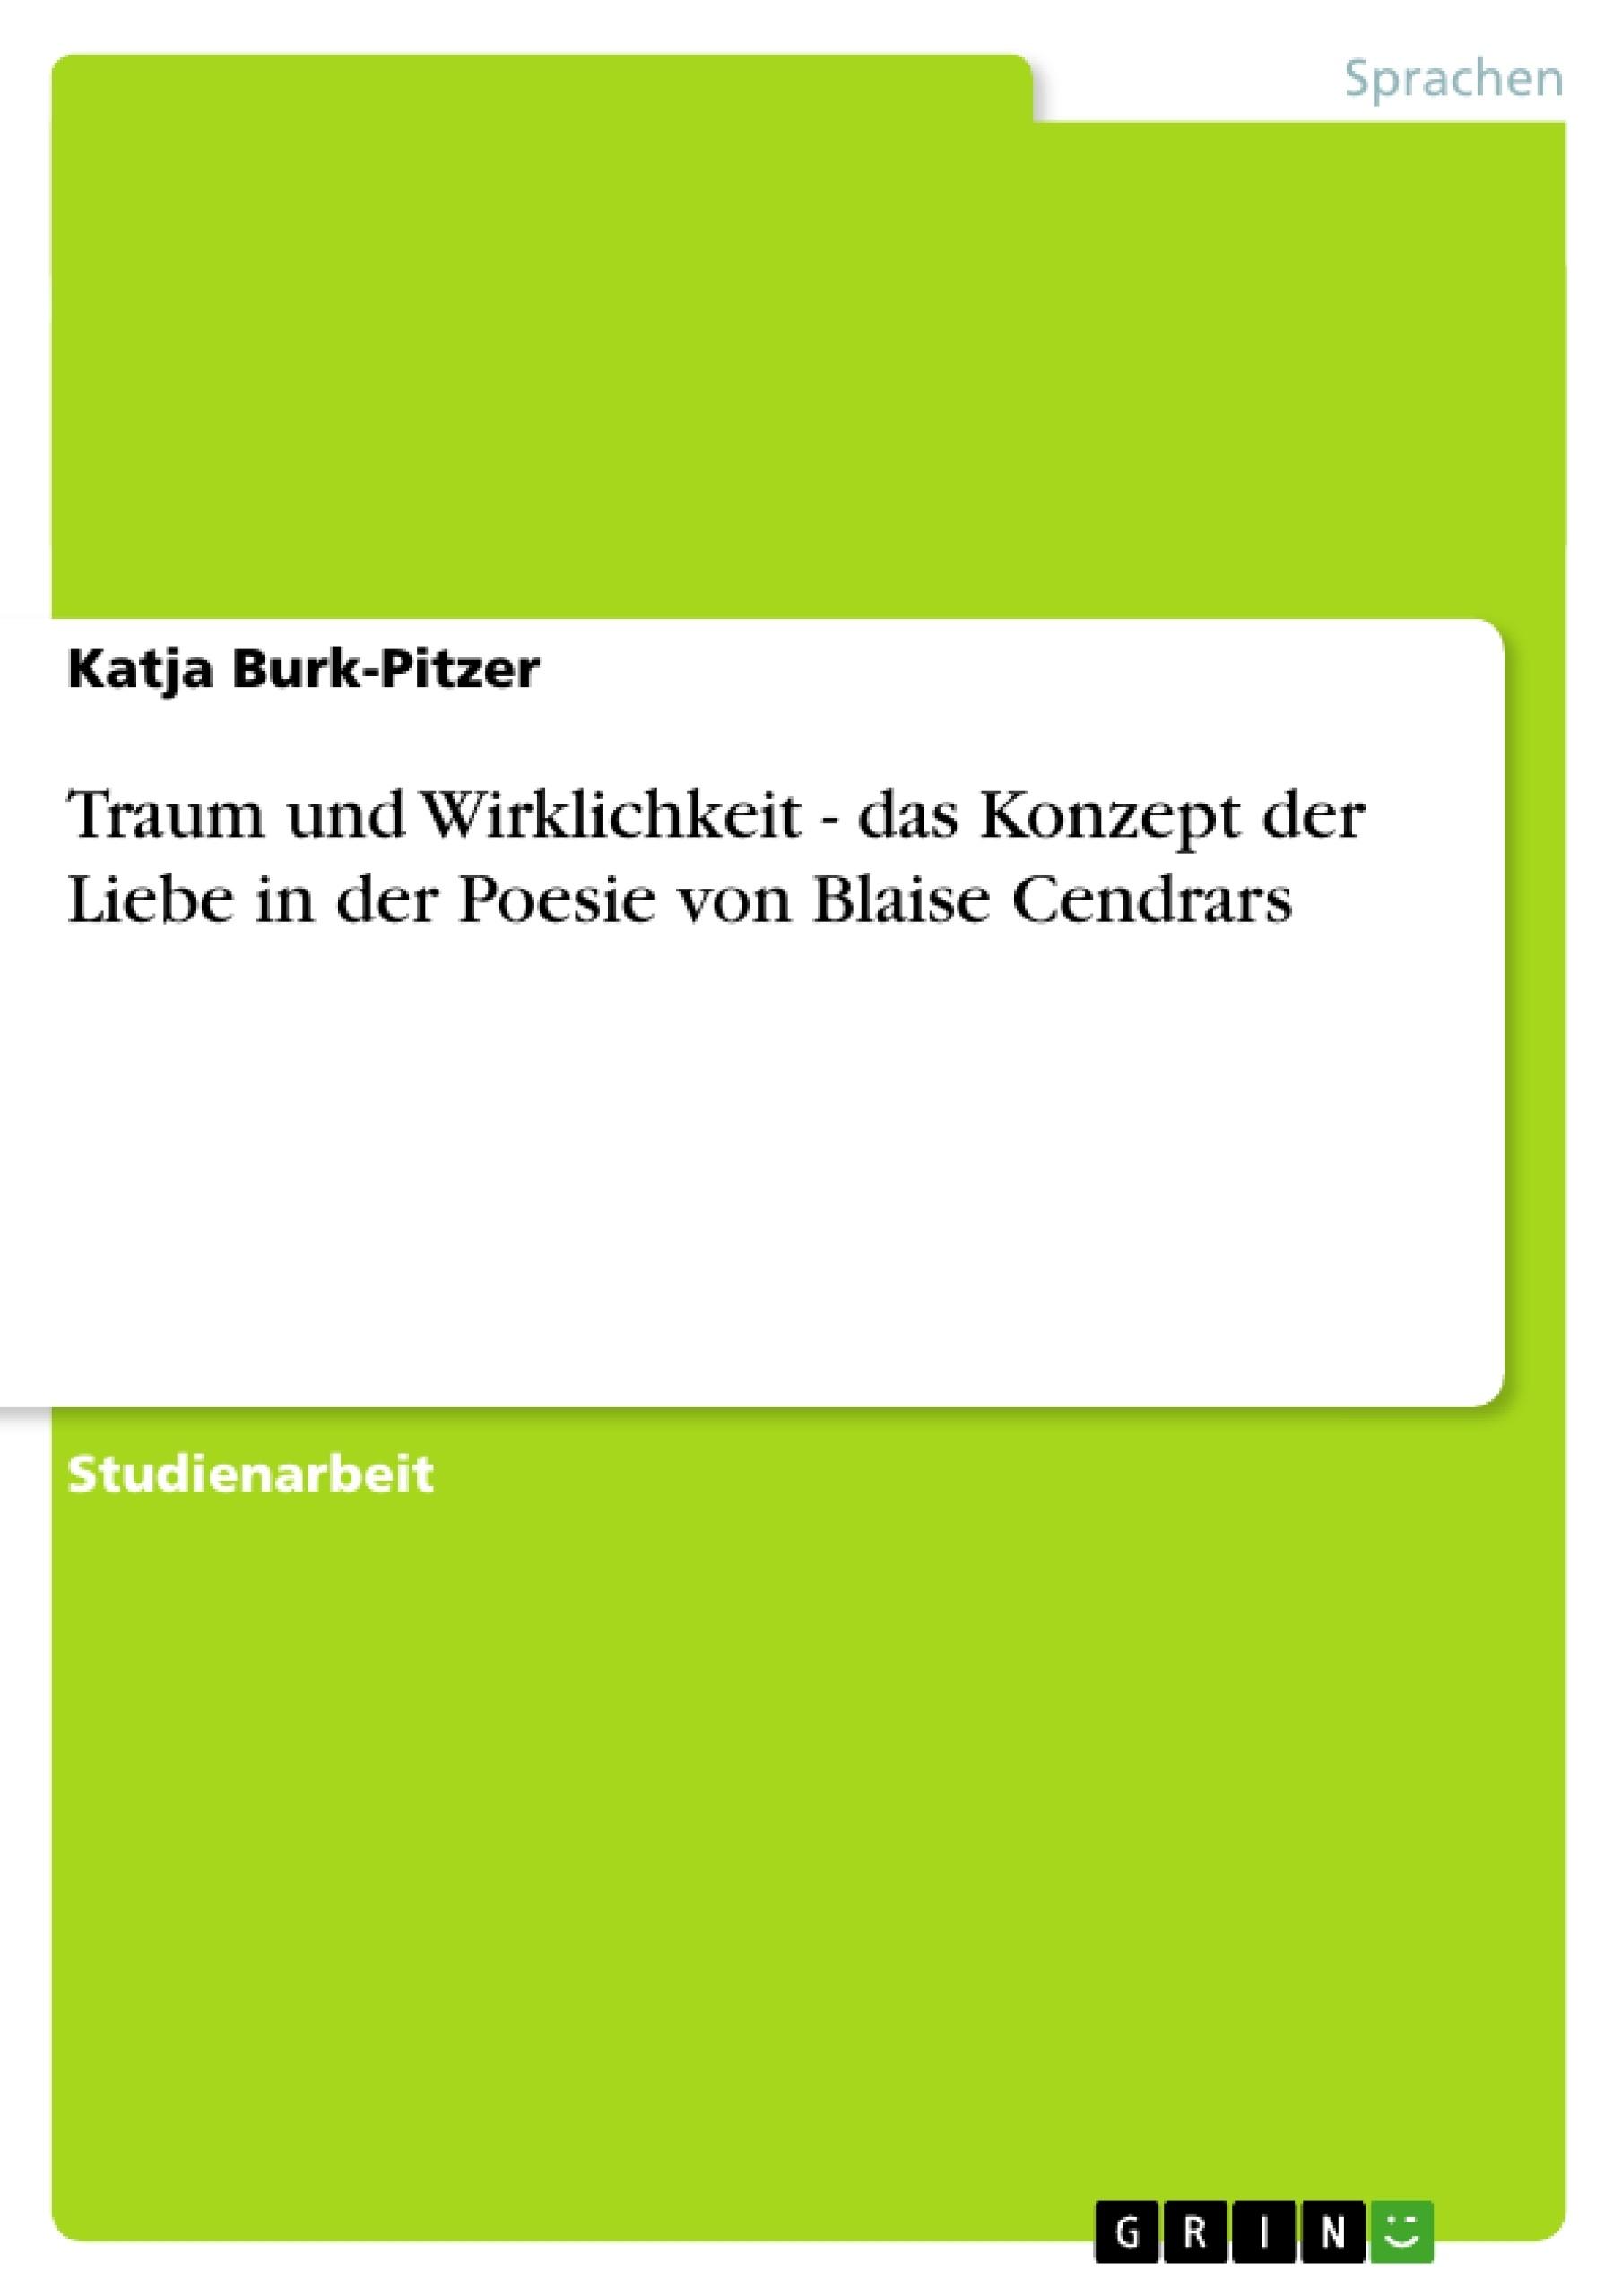 Titel: Traum und Wirklichkeit - das Konzept der Liebe in der Poesie von Blaise Cendrars